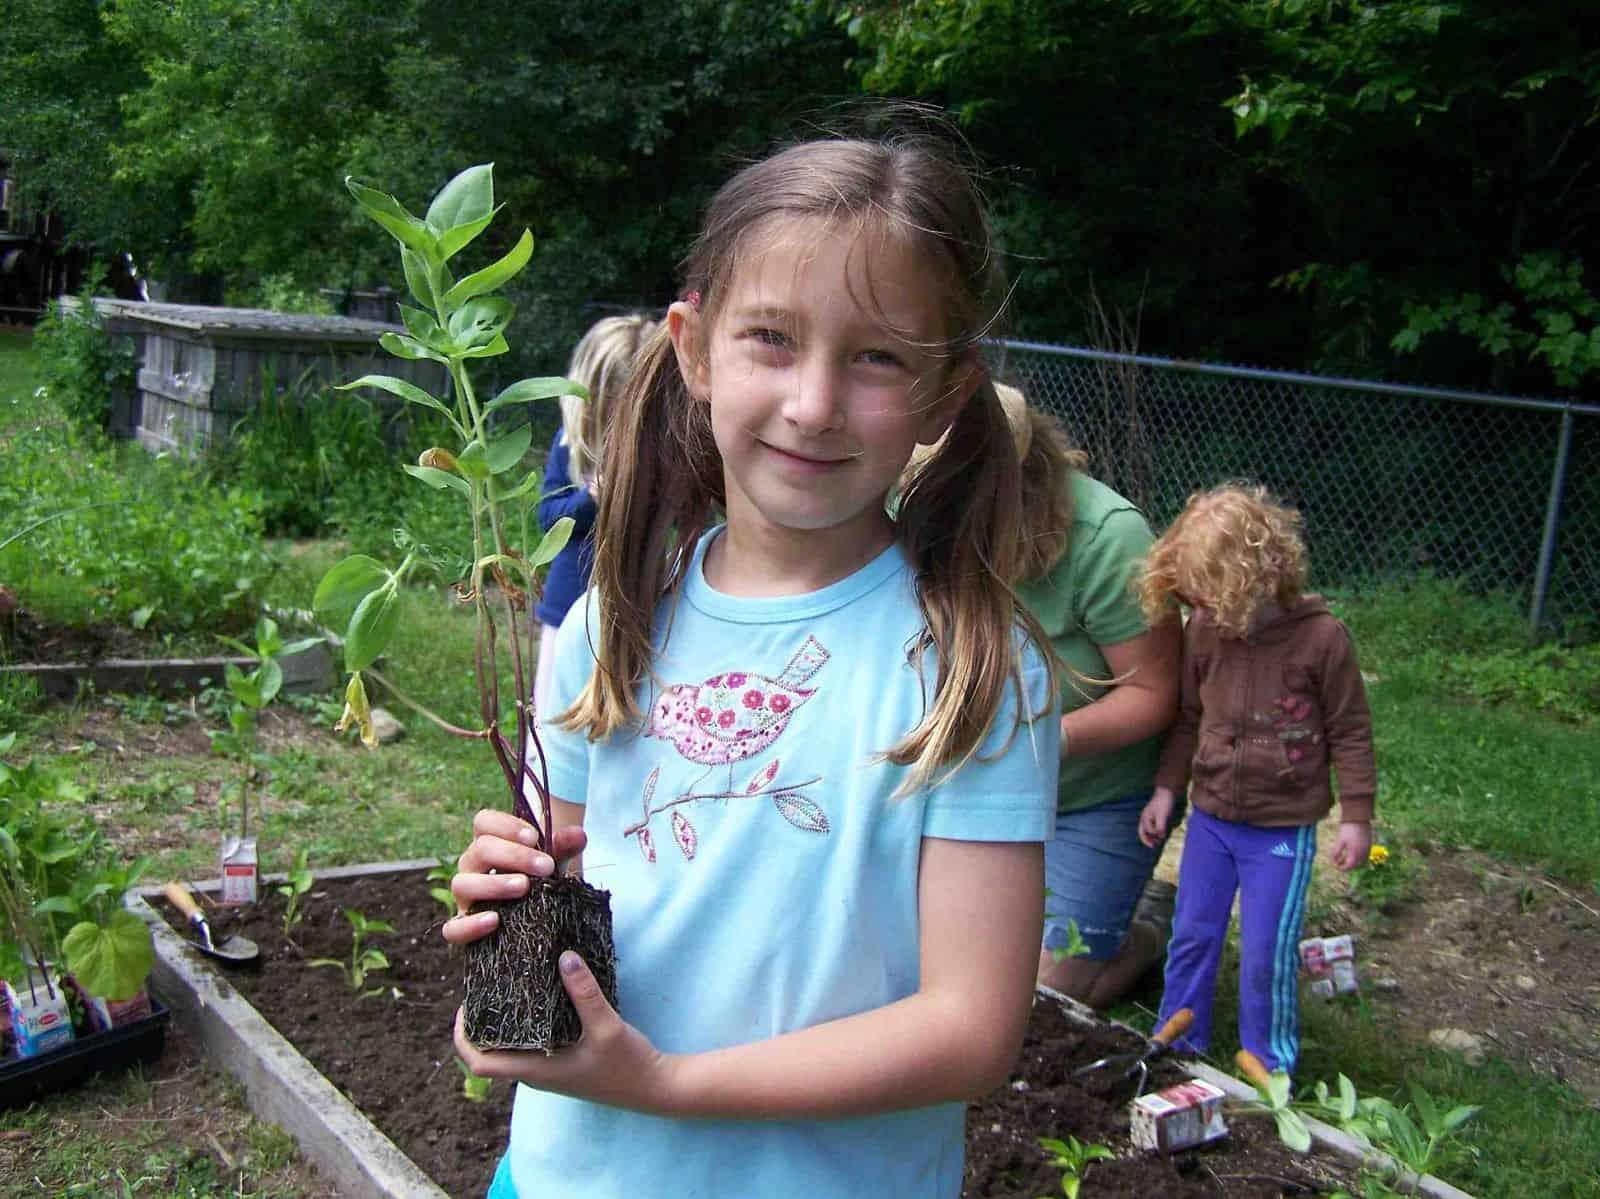 Vegetable Gardening with Children